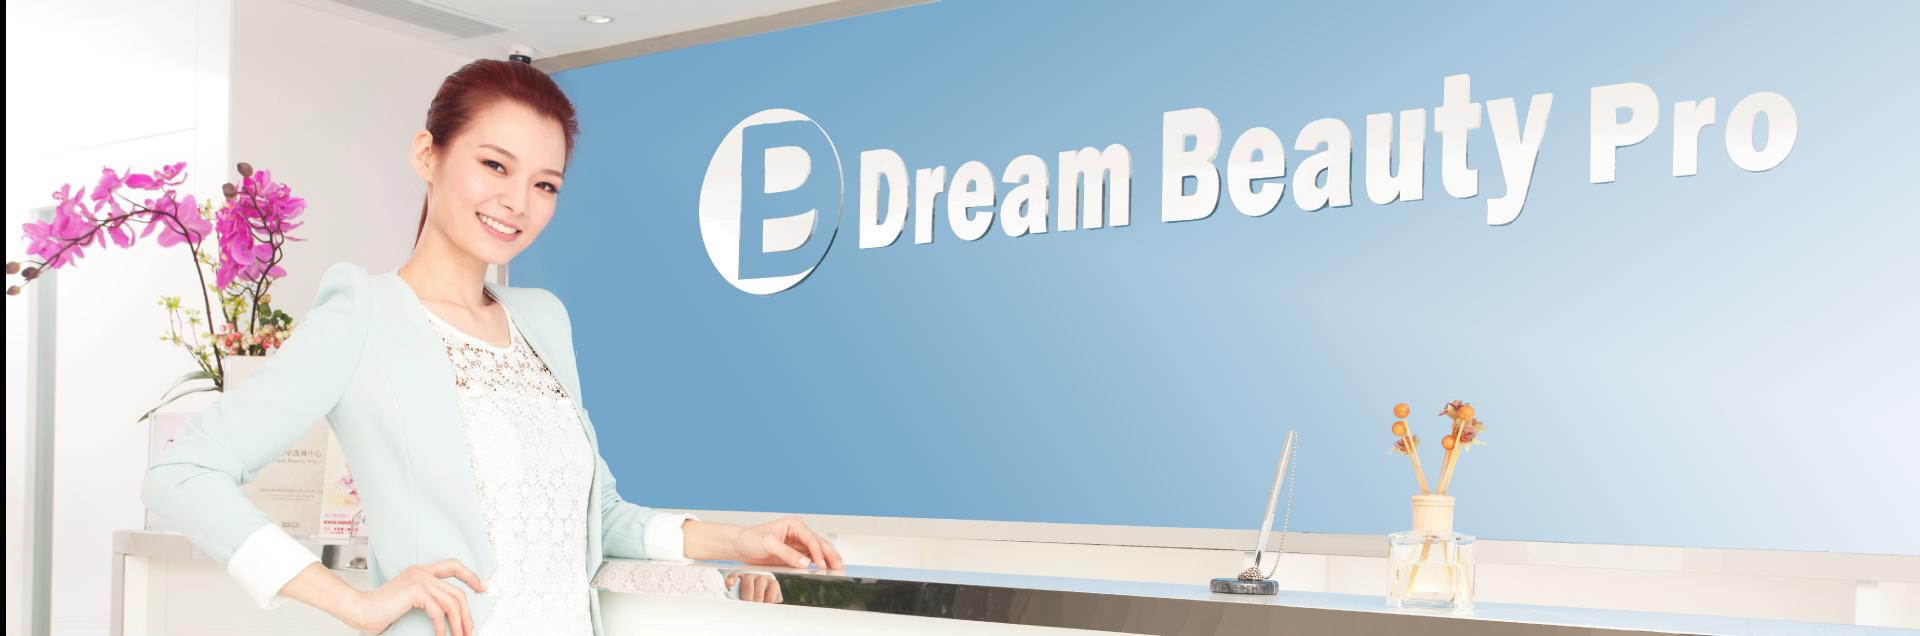 Dream Beauty Pro 2015 全線八間分店全面投入服務。